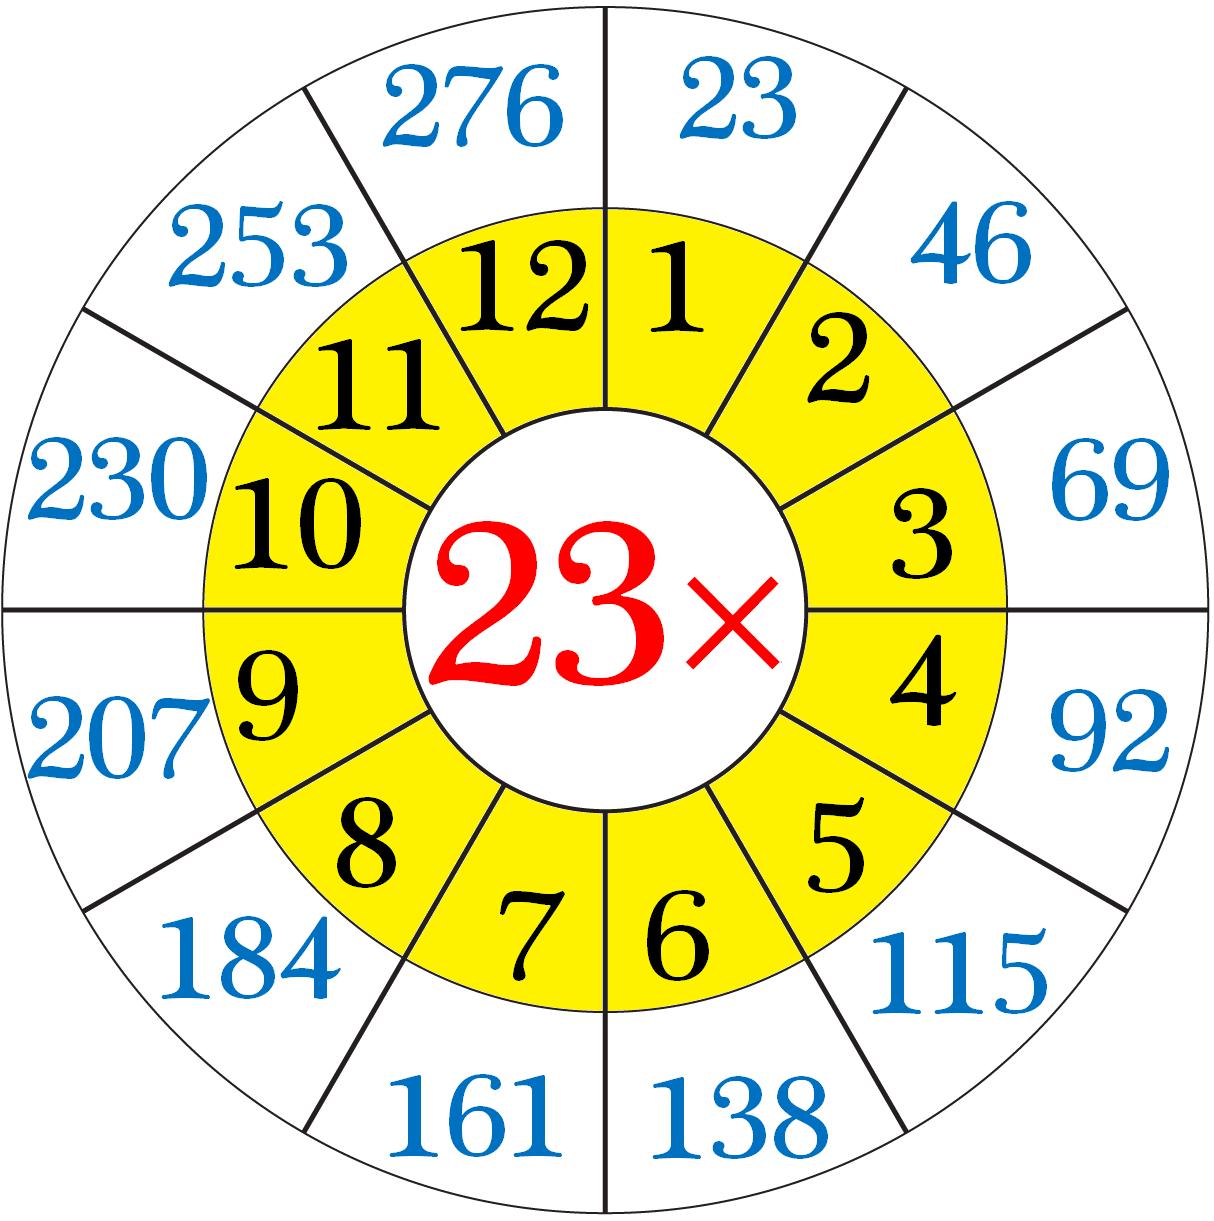 Multiplication Table of Twenty-Three